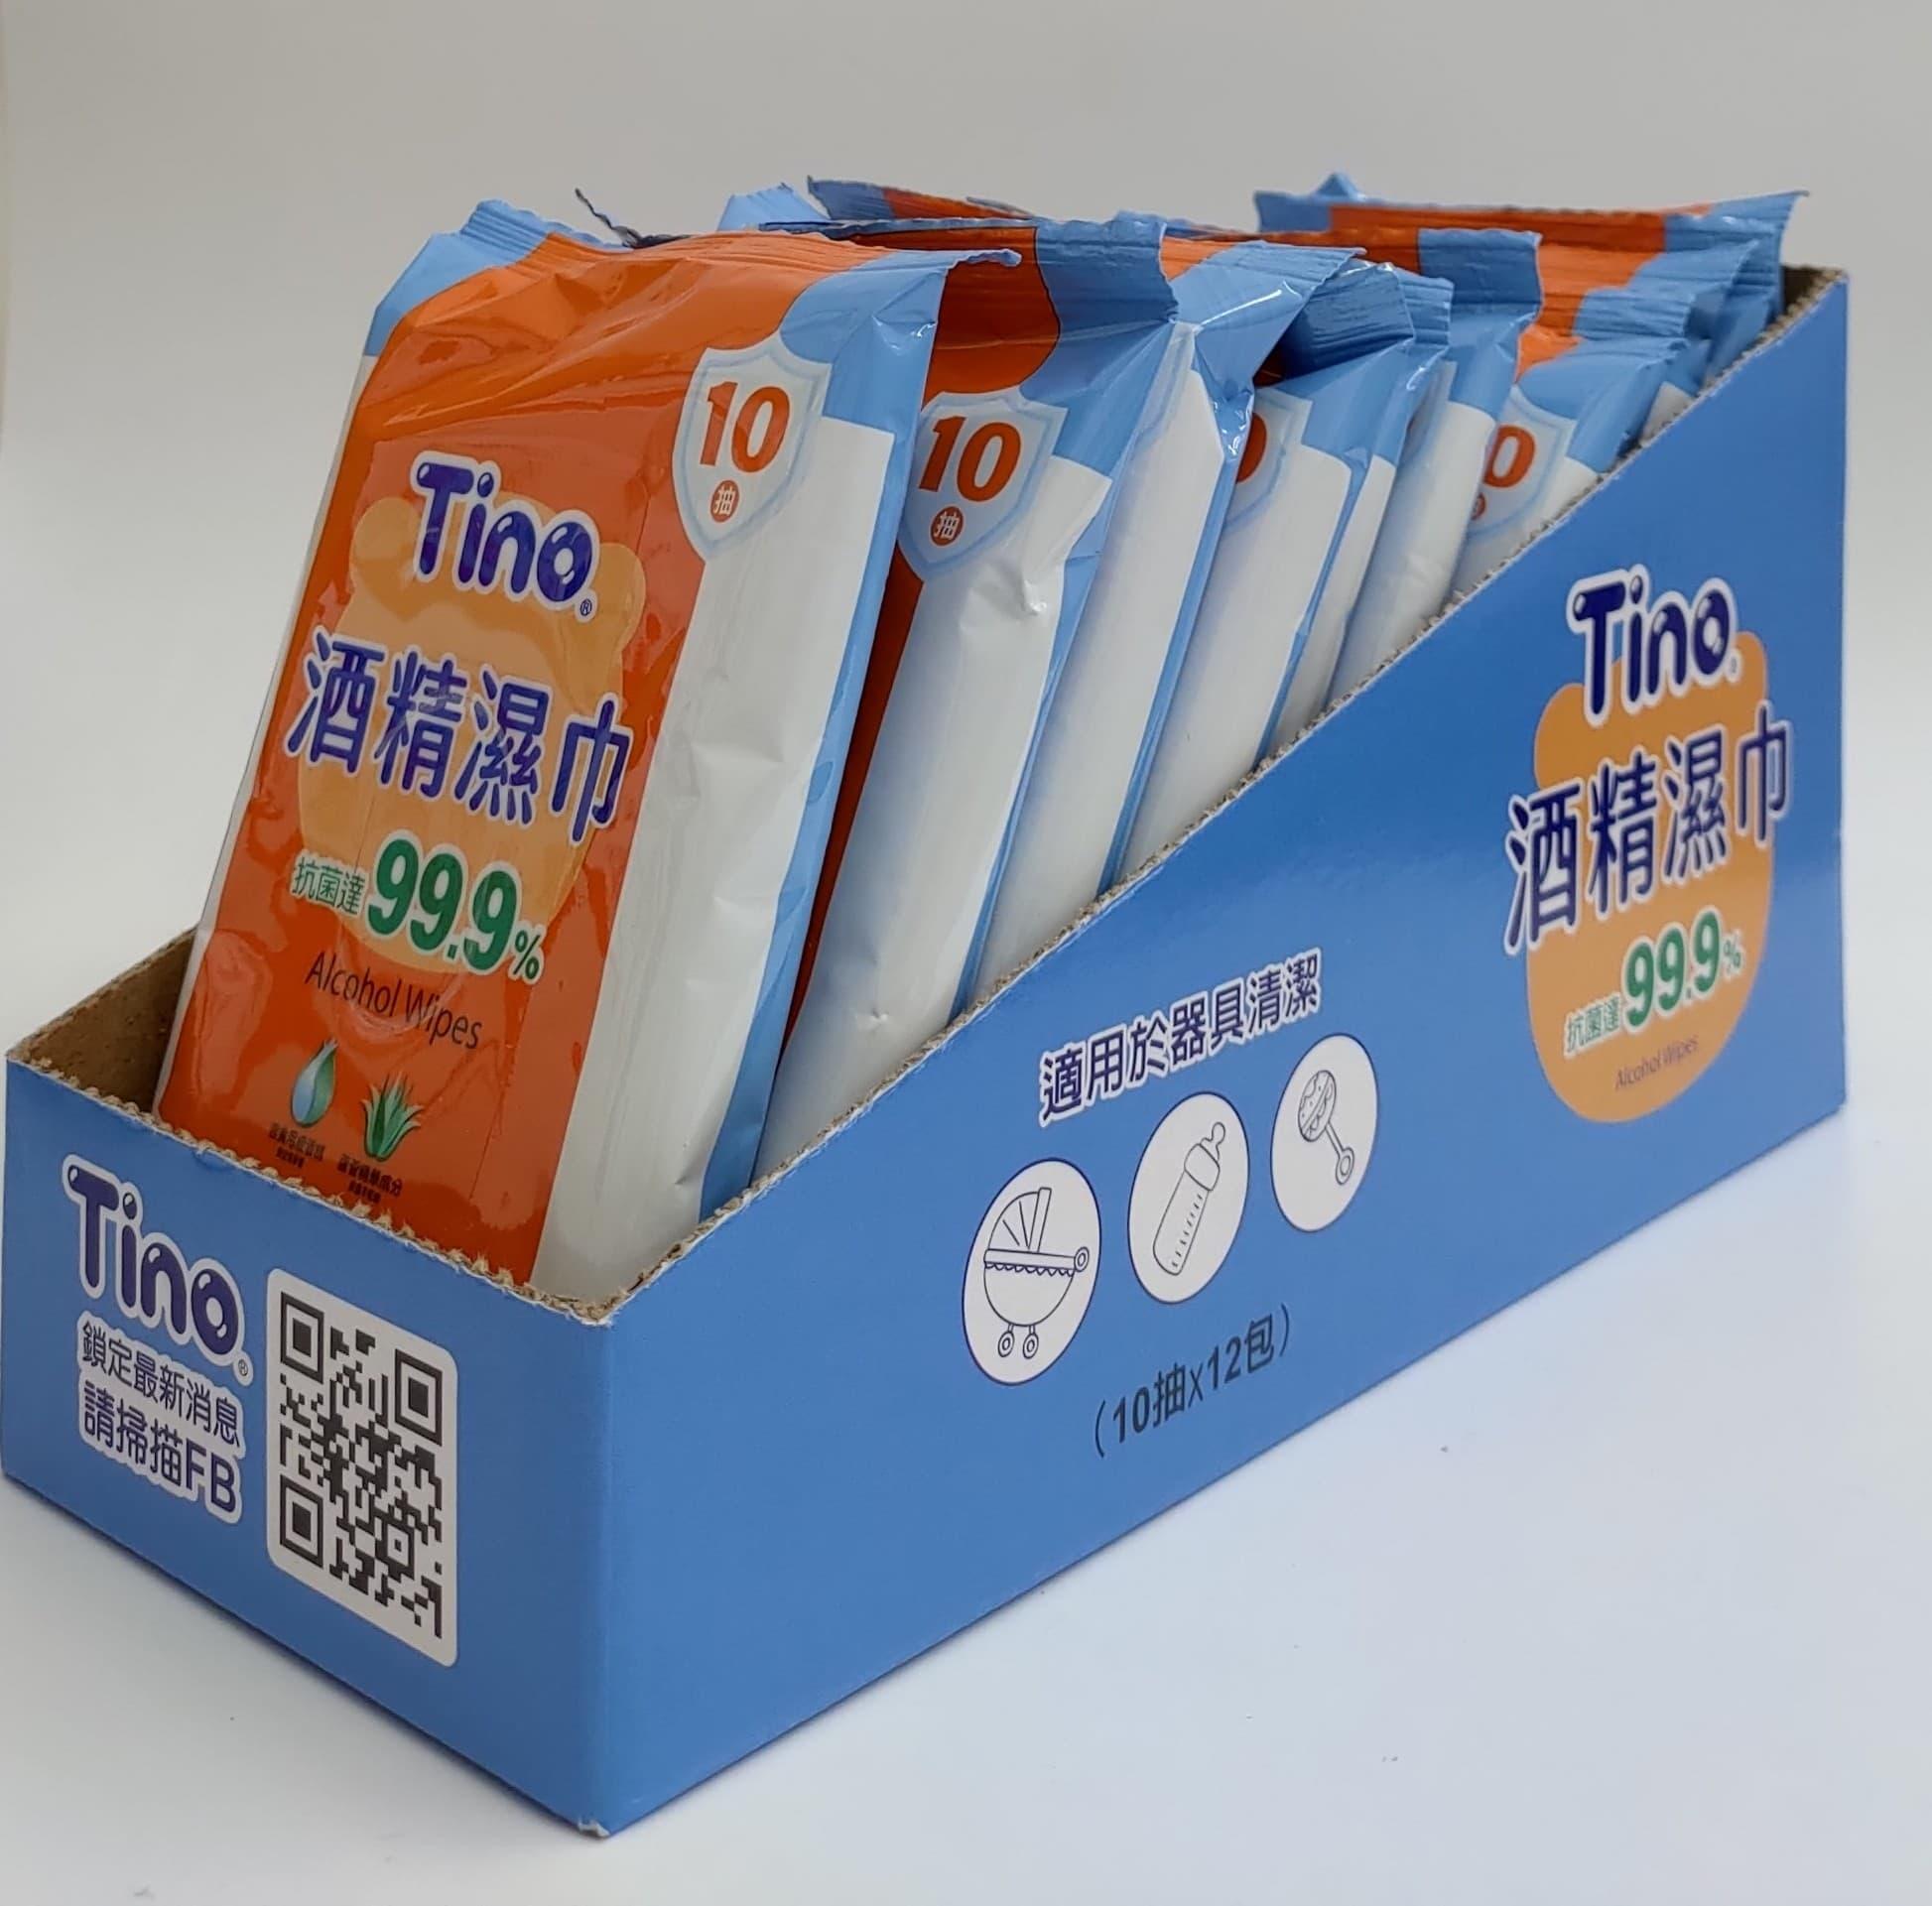 【憨吉小舖】Tino 酒精濕巾10抽/包 酒精濕紙巾、酒精擦、隨身包